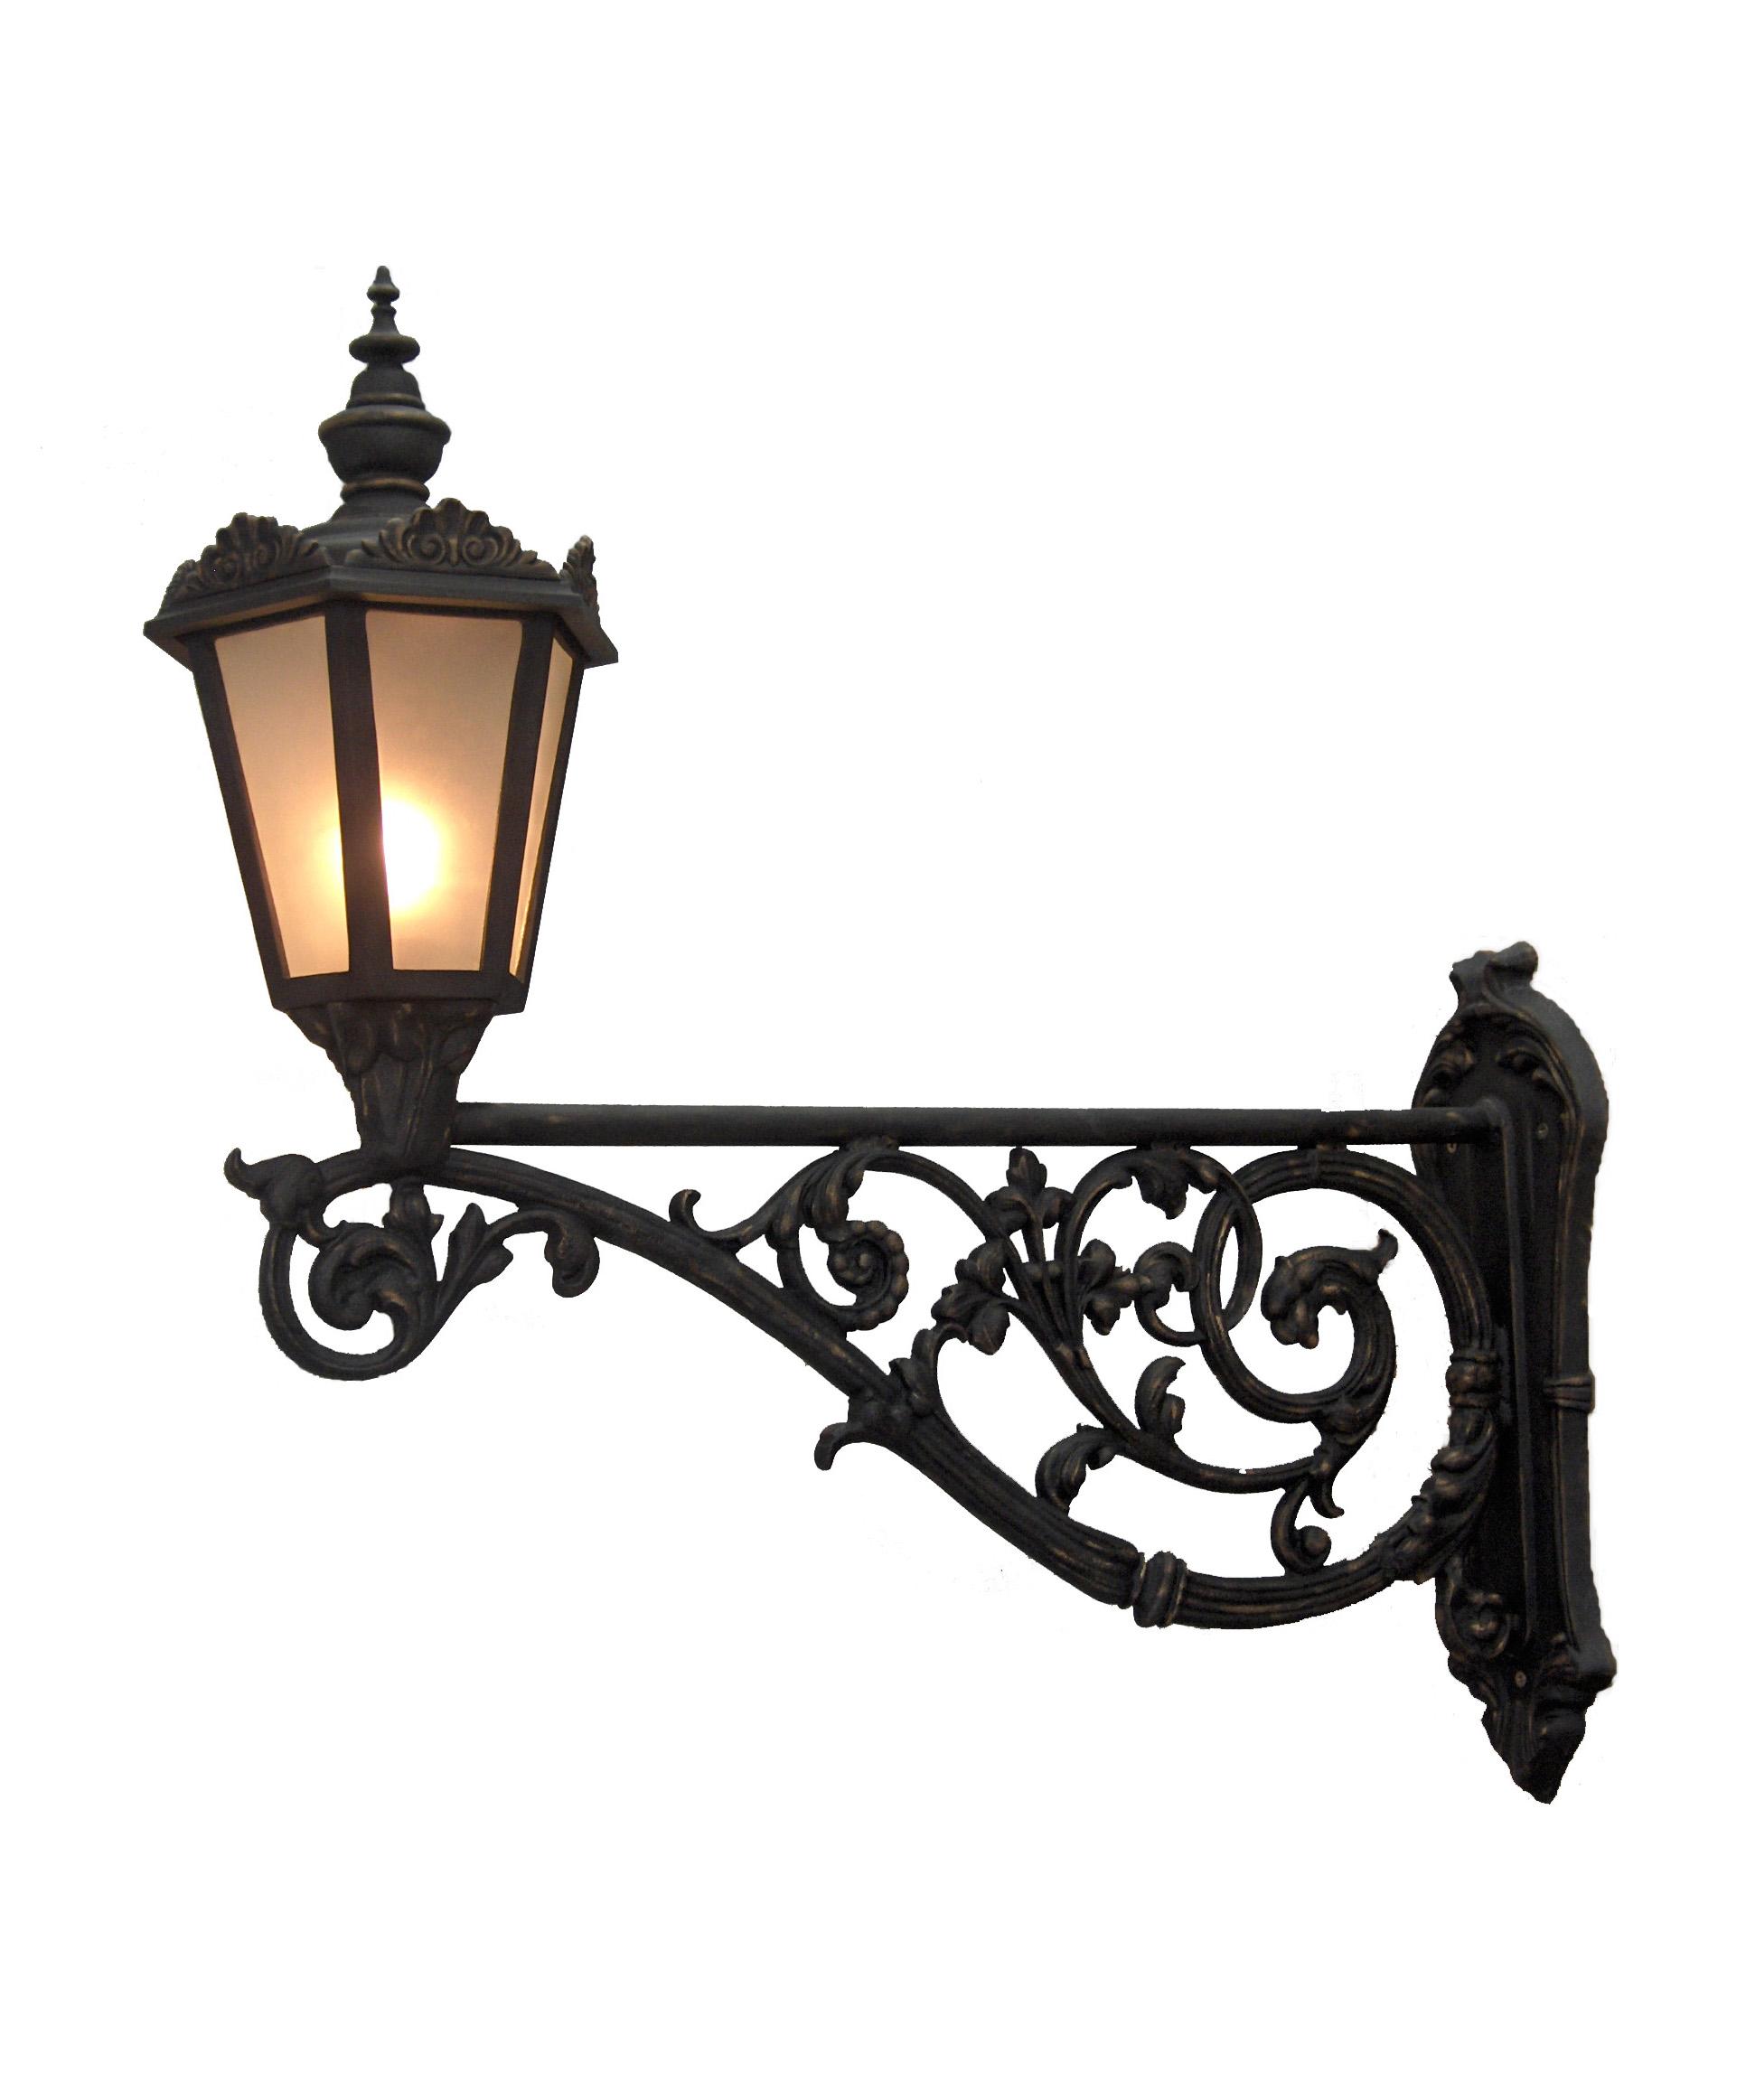 Aplice ornamentale de exterior BRAMAL LIGHT - Poza 1